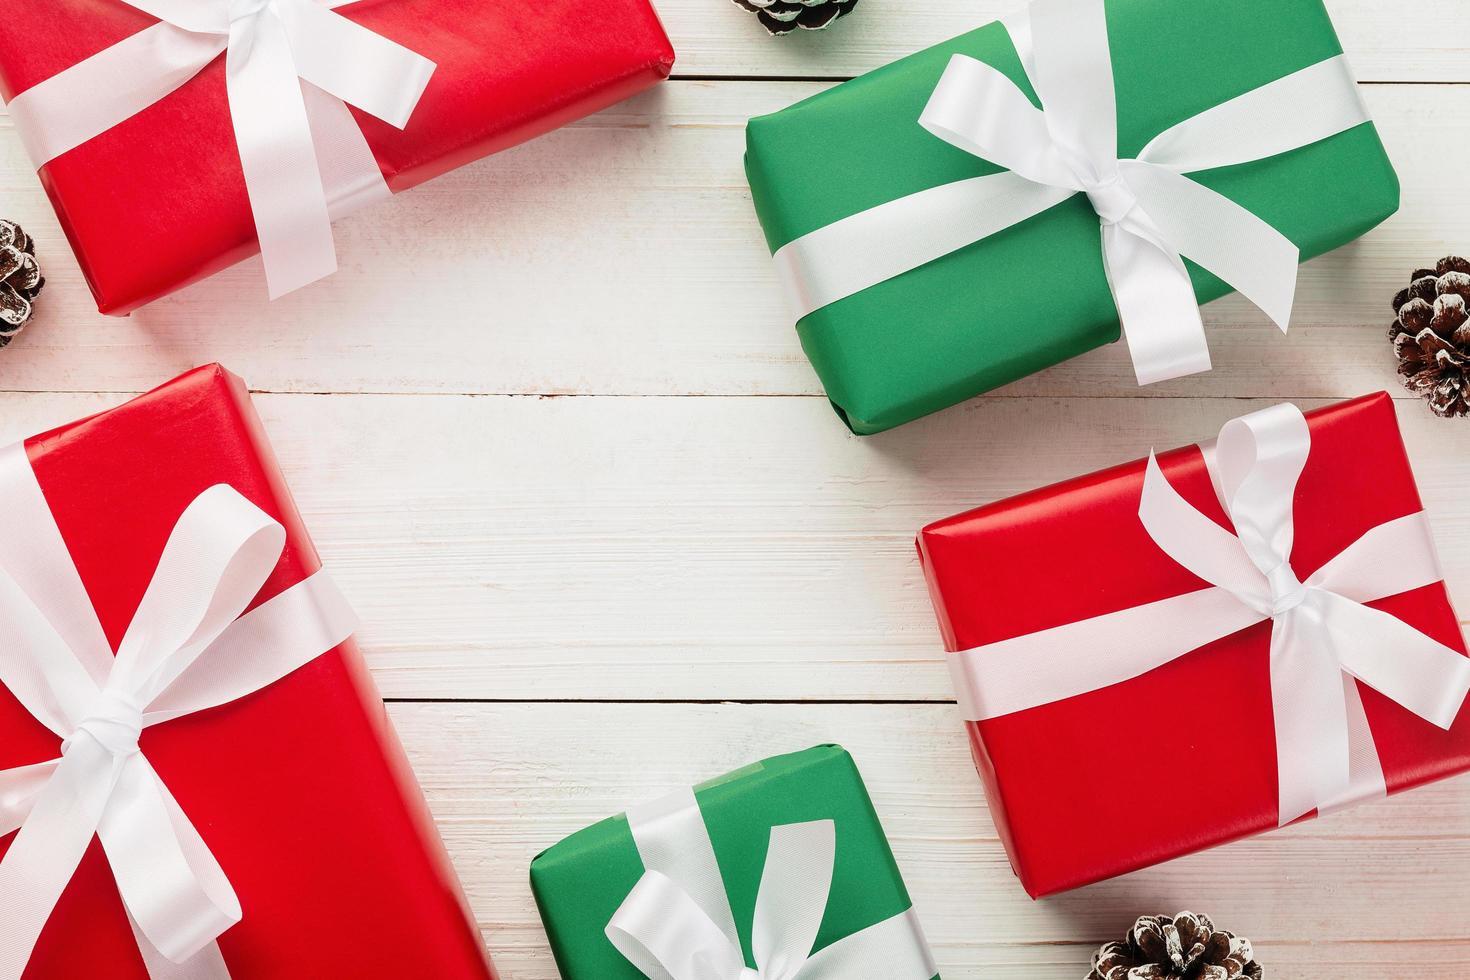 Kerstmis en Nieuwjaar met geschenkdozen en sneeuw dennenappel decoratie op witte houten tafel achtergrond bovenaanzicht met kopie ruimte foto